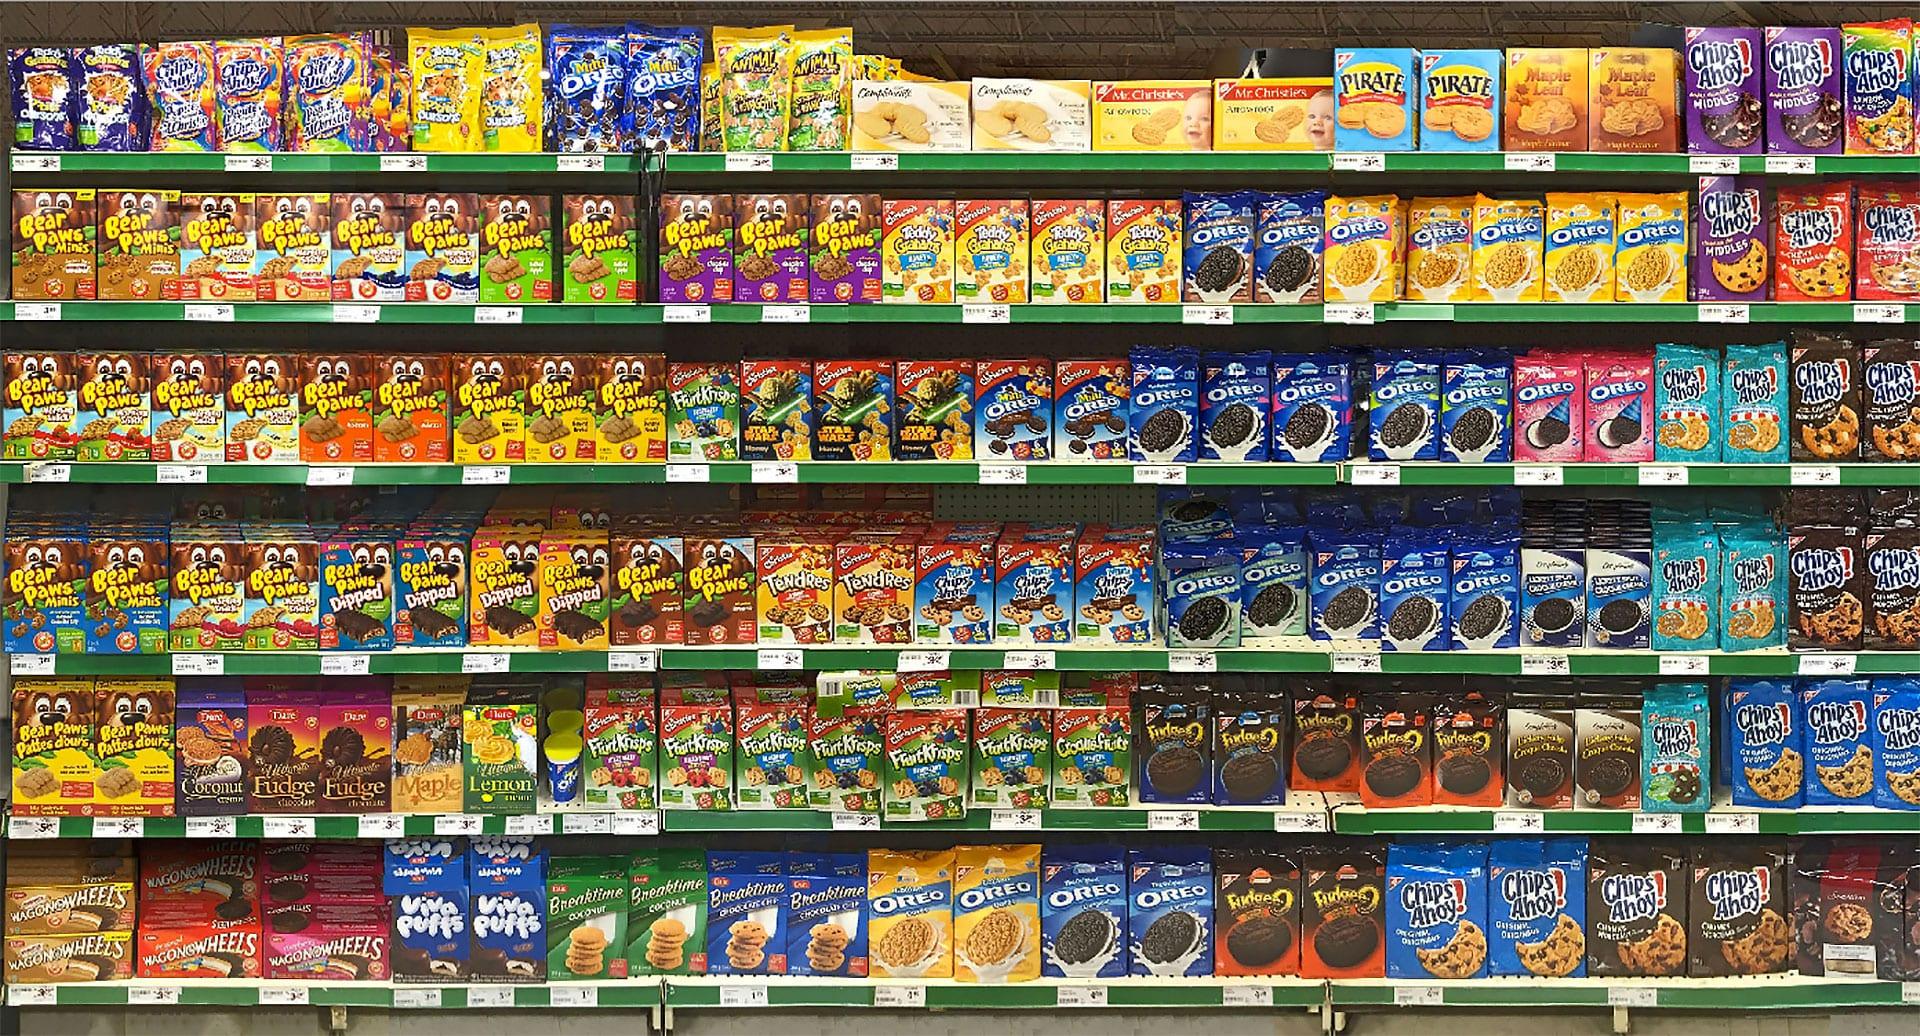 Crowded Retail Shelf